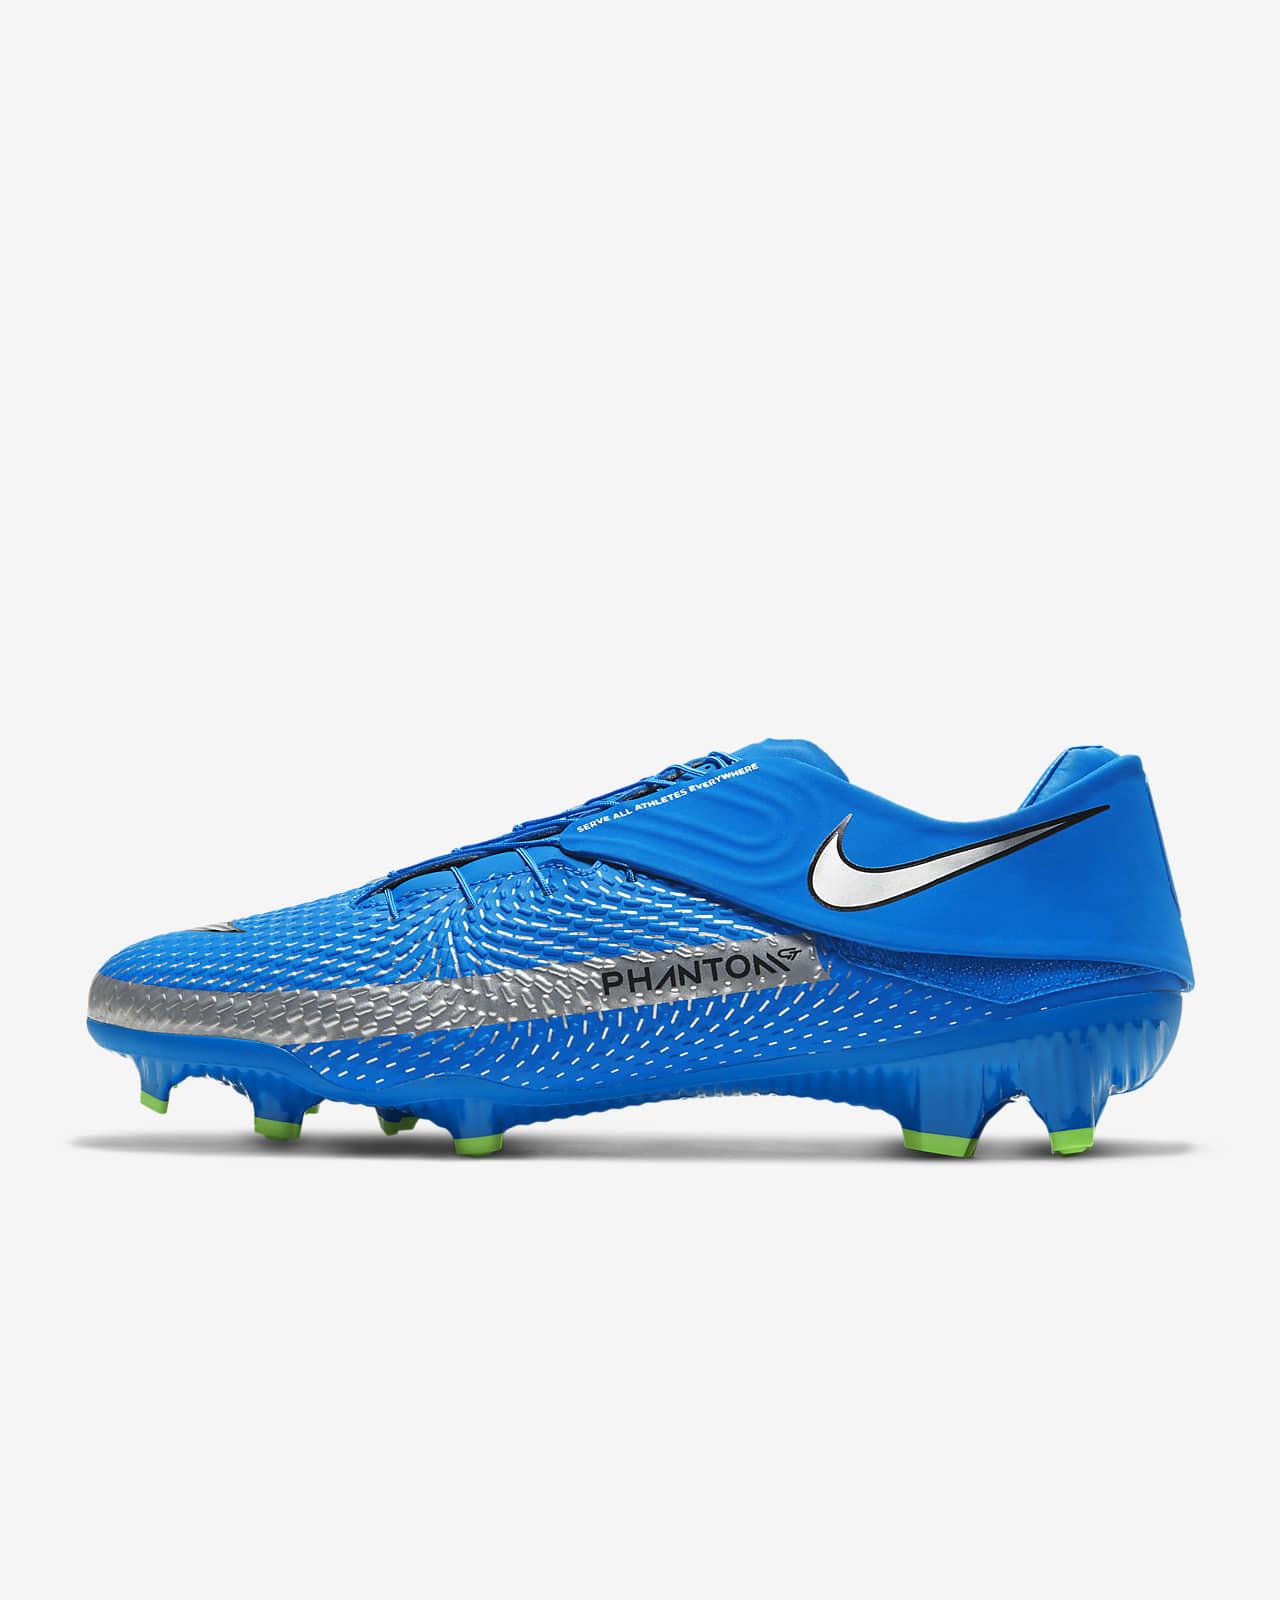 Ποδοσφαιρικό παπούτσι για διαφορετικές επιφάνειες Nike Phantom GT Academy FlyEase MG